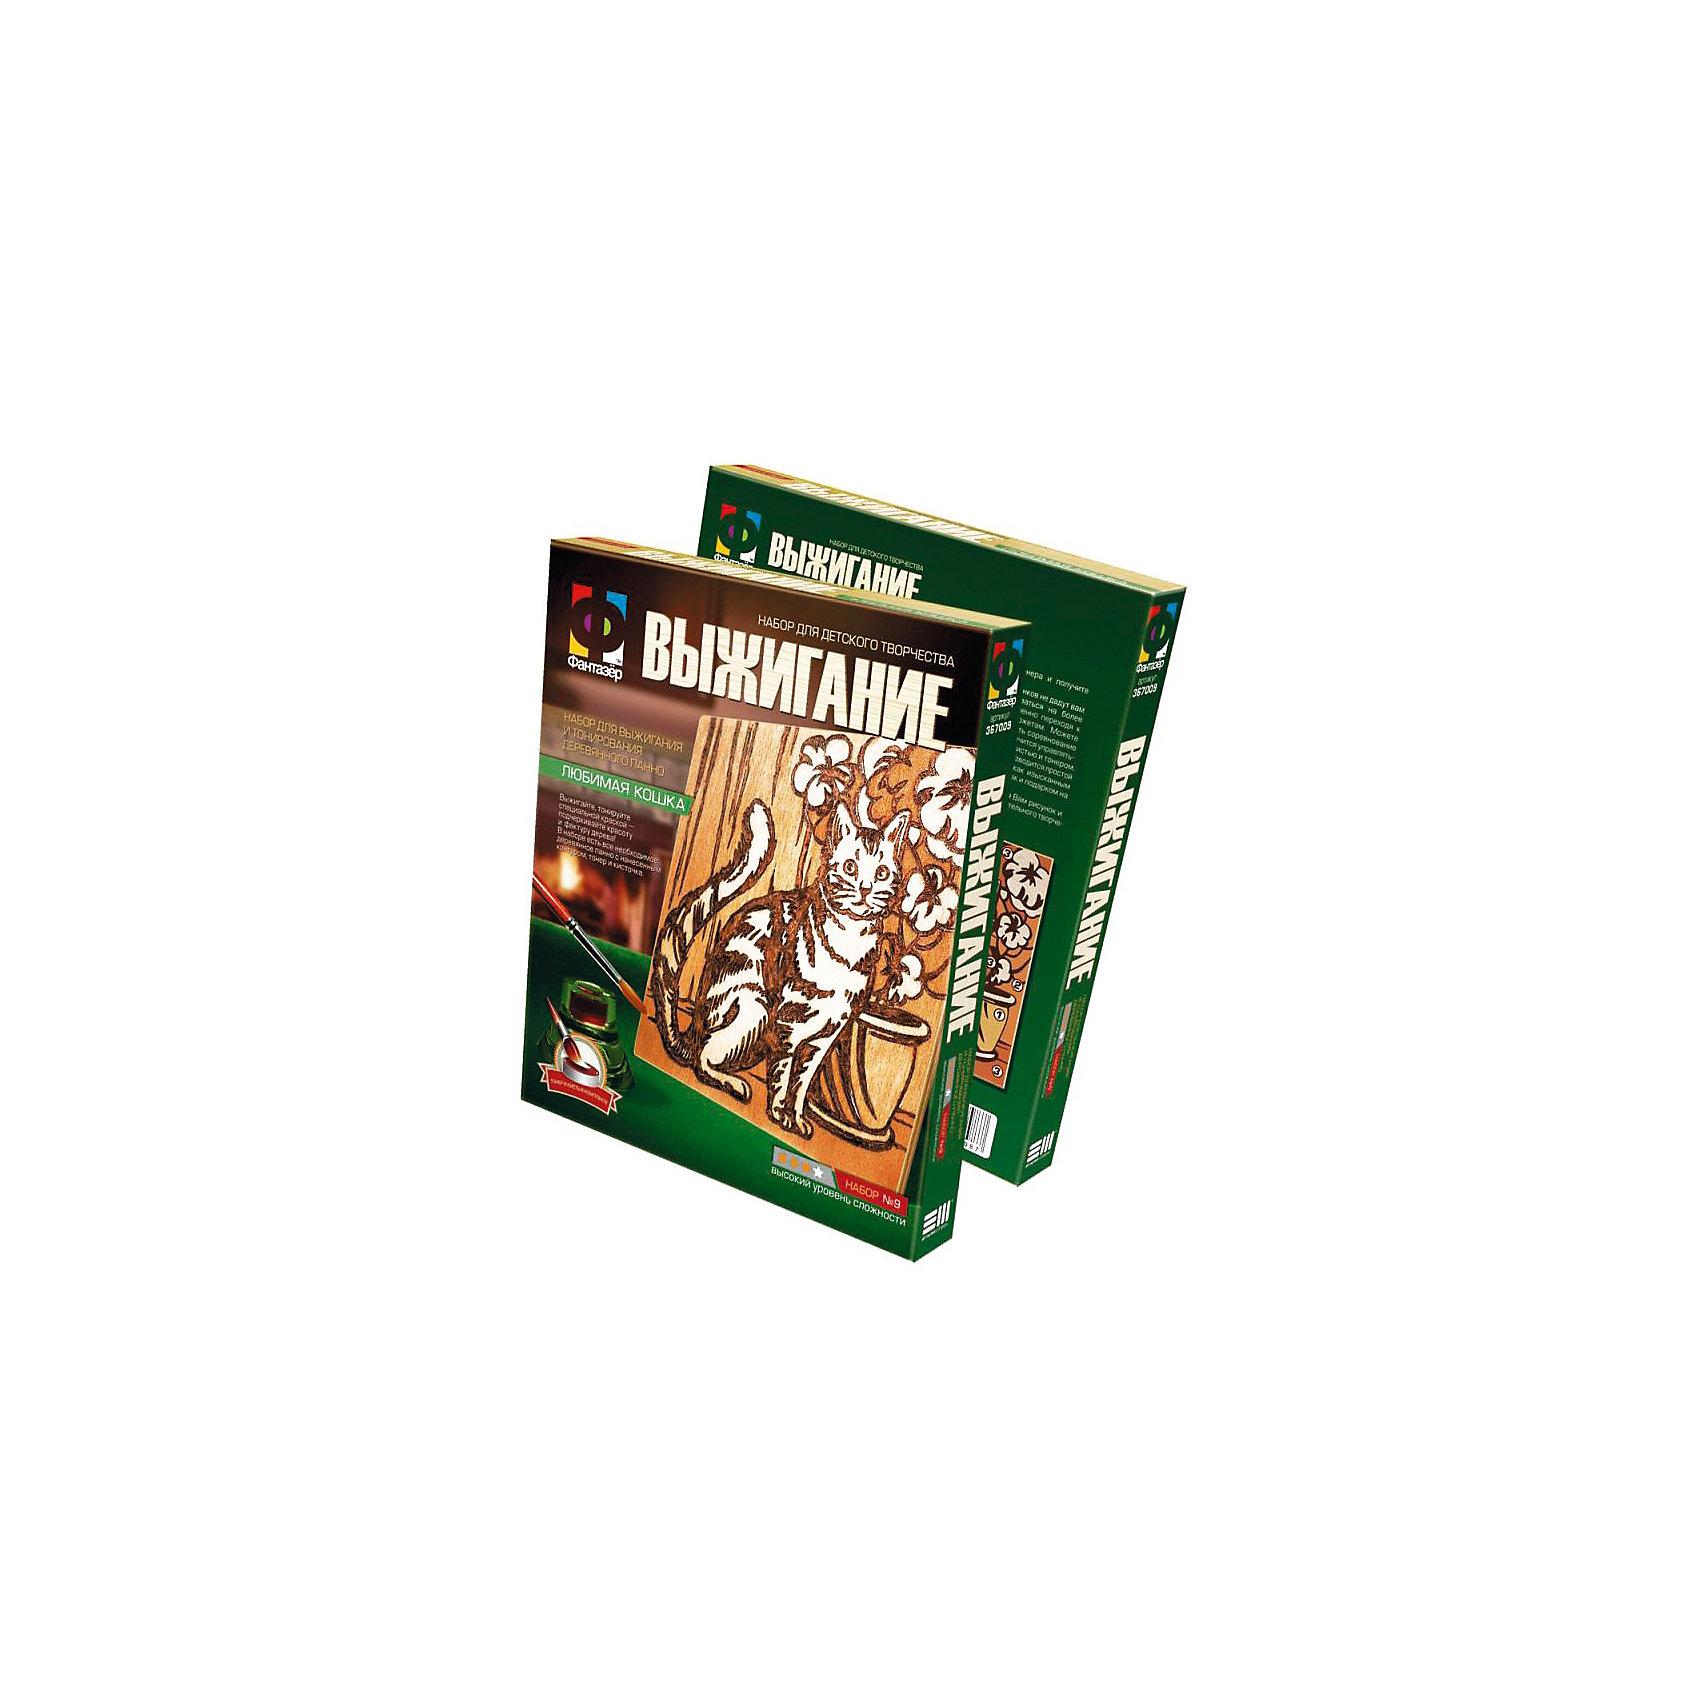 Фантазер Выжигание КошкаРукоделие<br>Выжигайте и тонируйте специальной краской, подчеркивающей красоту и фактуру дерева. В наборе есть все необходимое: 2 фанерки: одна с рисунком, вторая чистая,, размер 15х15см, тонер, кисточка<br>набор без выжигательного аппарата подходит для любого выжигательного аппарата.  Есть руководство по технике выжигания и тонирования панно. <br><br>В комплекте: 2 фанерные заготовки, пакетик с тонером, кисть, наждачная бумага, копирка, инструкция.<br><br>Дополнительная информация:<br><br>- размер фанеры-15х15 см.<br>- материал: шлифованная фанера, натуральный пигмент, пластмасса, наждачная бумага<br>- размер упаковки (картонная коробка) (д/ш/в): 18,5х22х2,5 см.<br>- вес: 106 гр.<br><br>Фантазер Выжигание Кошка можно купить в нашем магазине.<br><br>Ширина мм: 185<br>Глубина мм: 25<br>Высота мм: 220<br>Вес г: 120<br>Возраст от месяцев: 60<br>Возраст до месяцев: 1188<br>Пол: Мужской<br>Возраст: Детский<br>SKU: 2331323